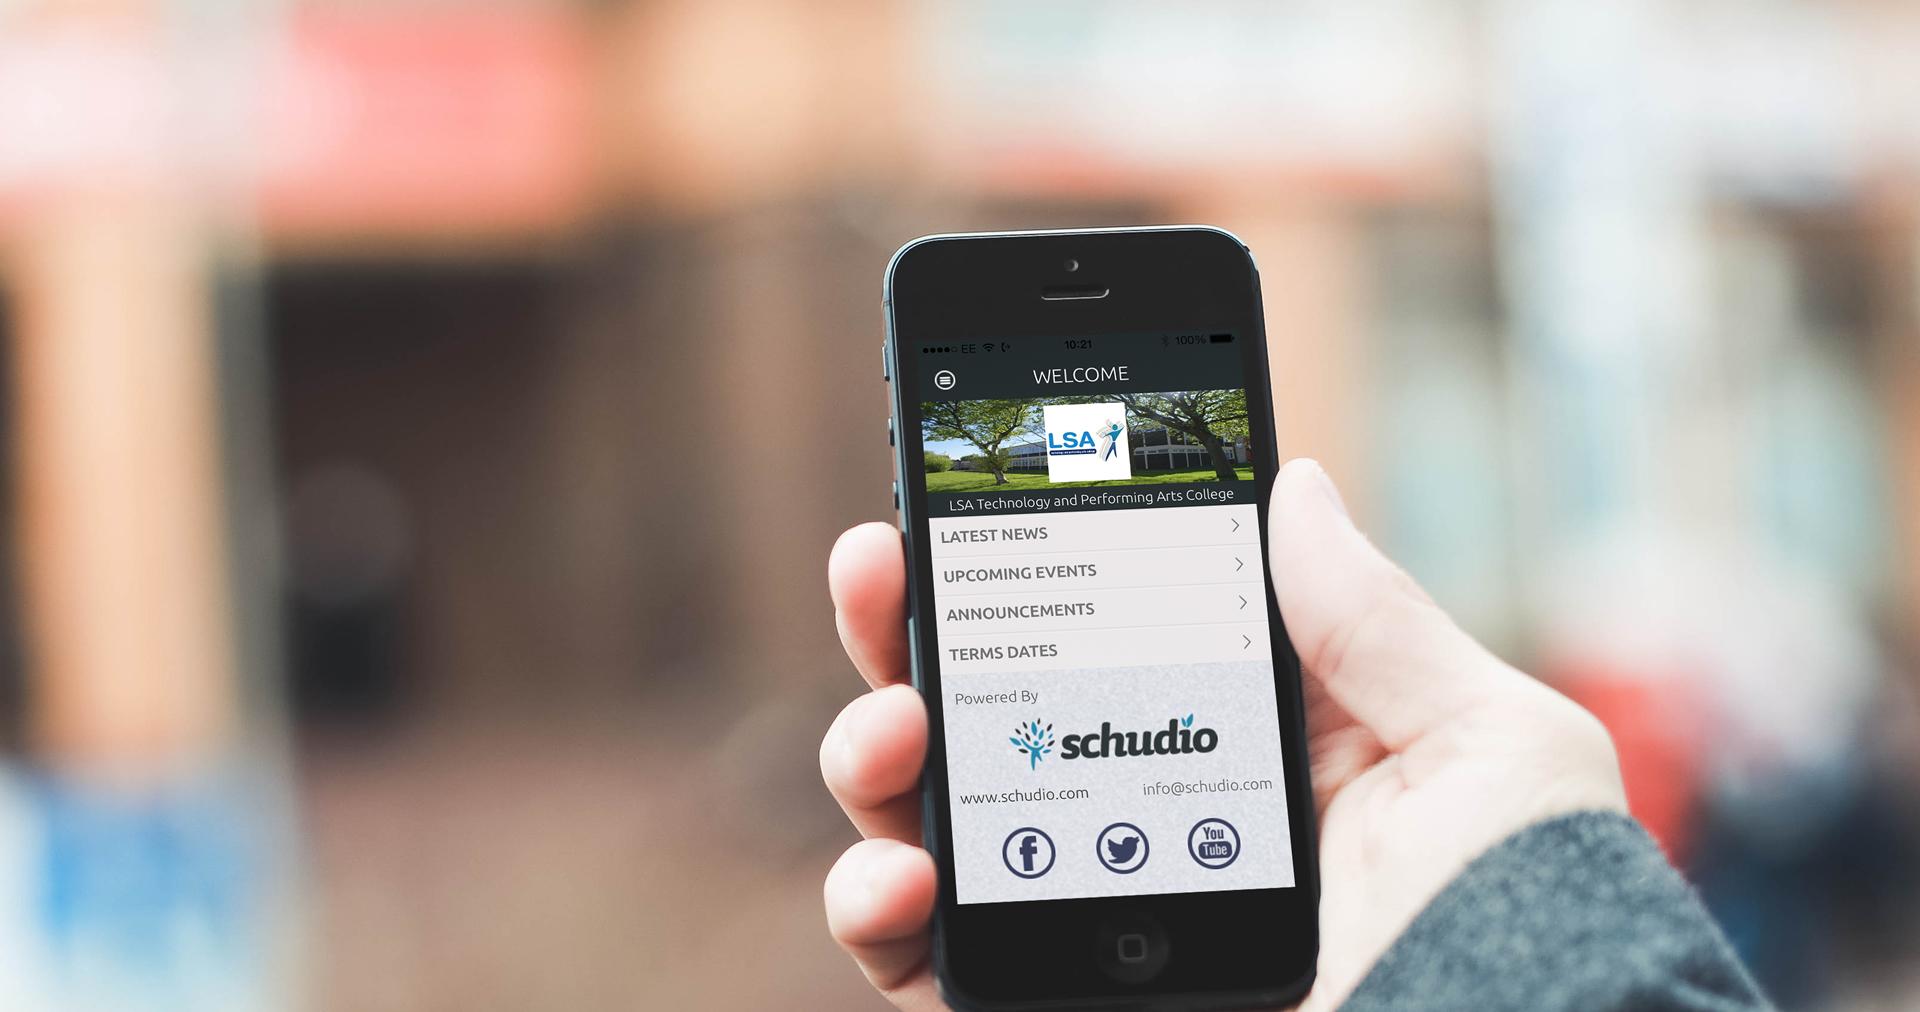 Schudio app for schools